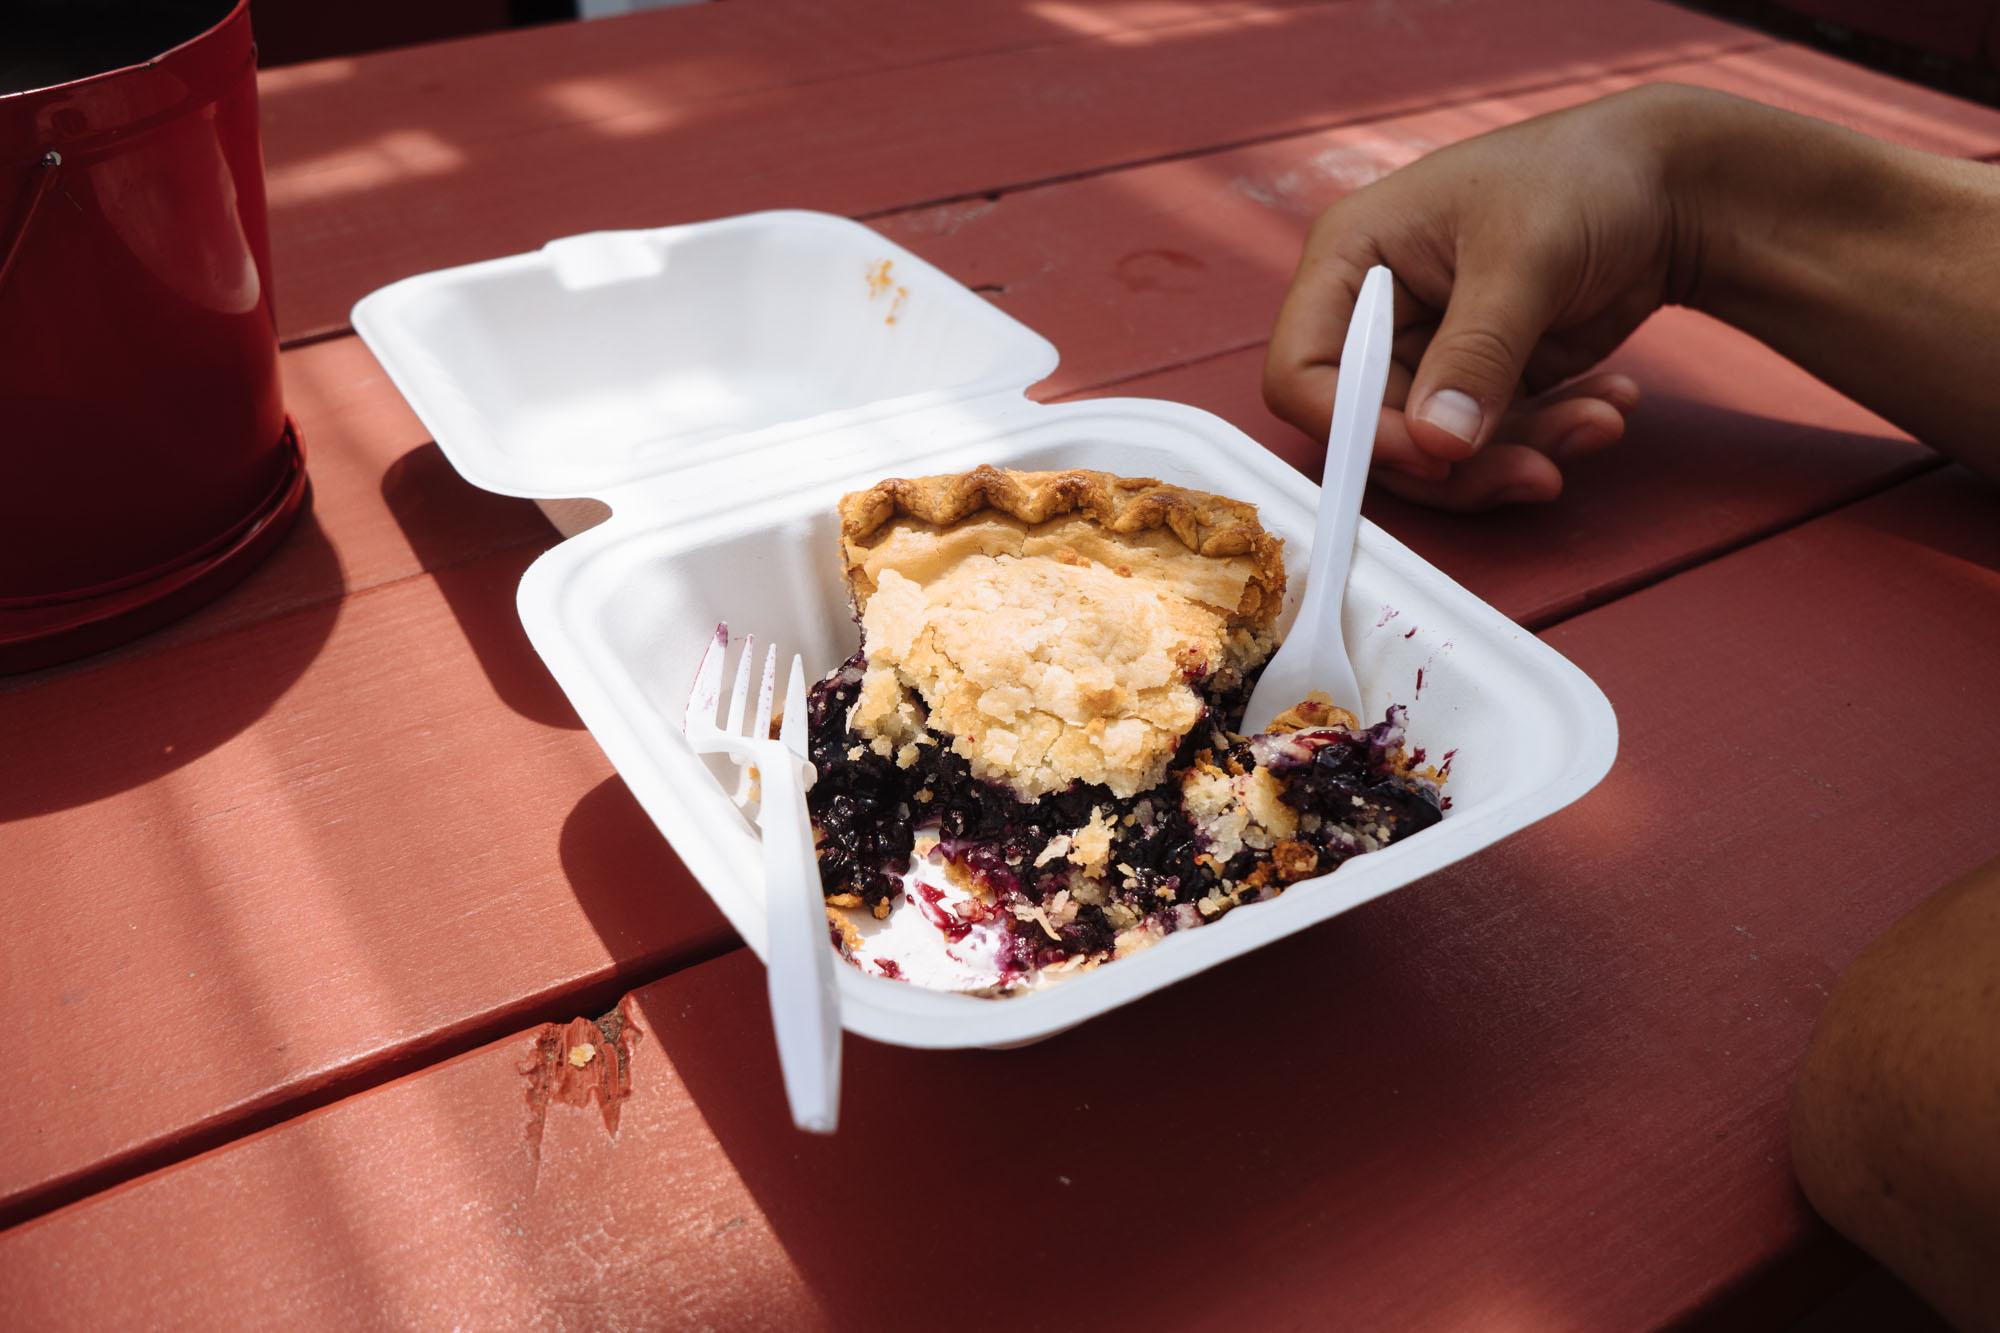 Wild Maine Blueberry pie